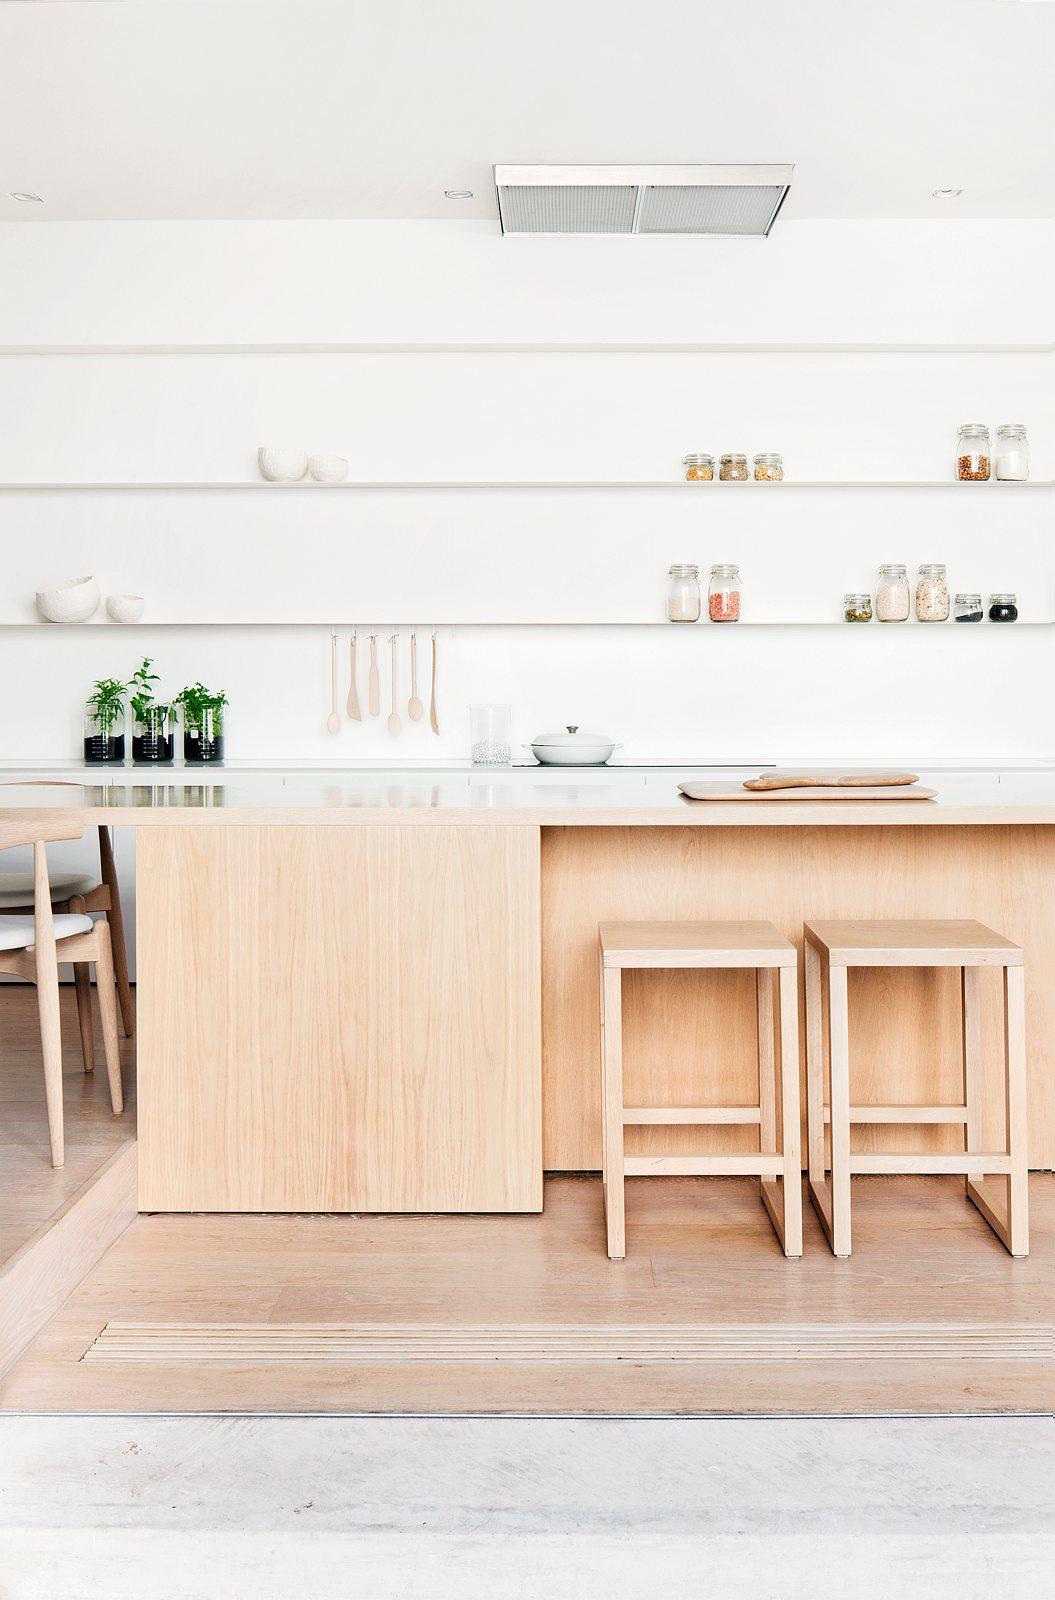 atelier rue verte le blog sydney prix australien du design d 39 int rieur 2015 pour cet. Black Bedroom Furniture Sets. Home Design Ideas